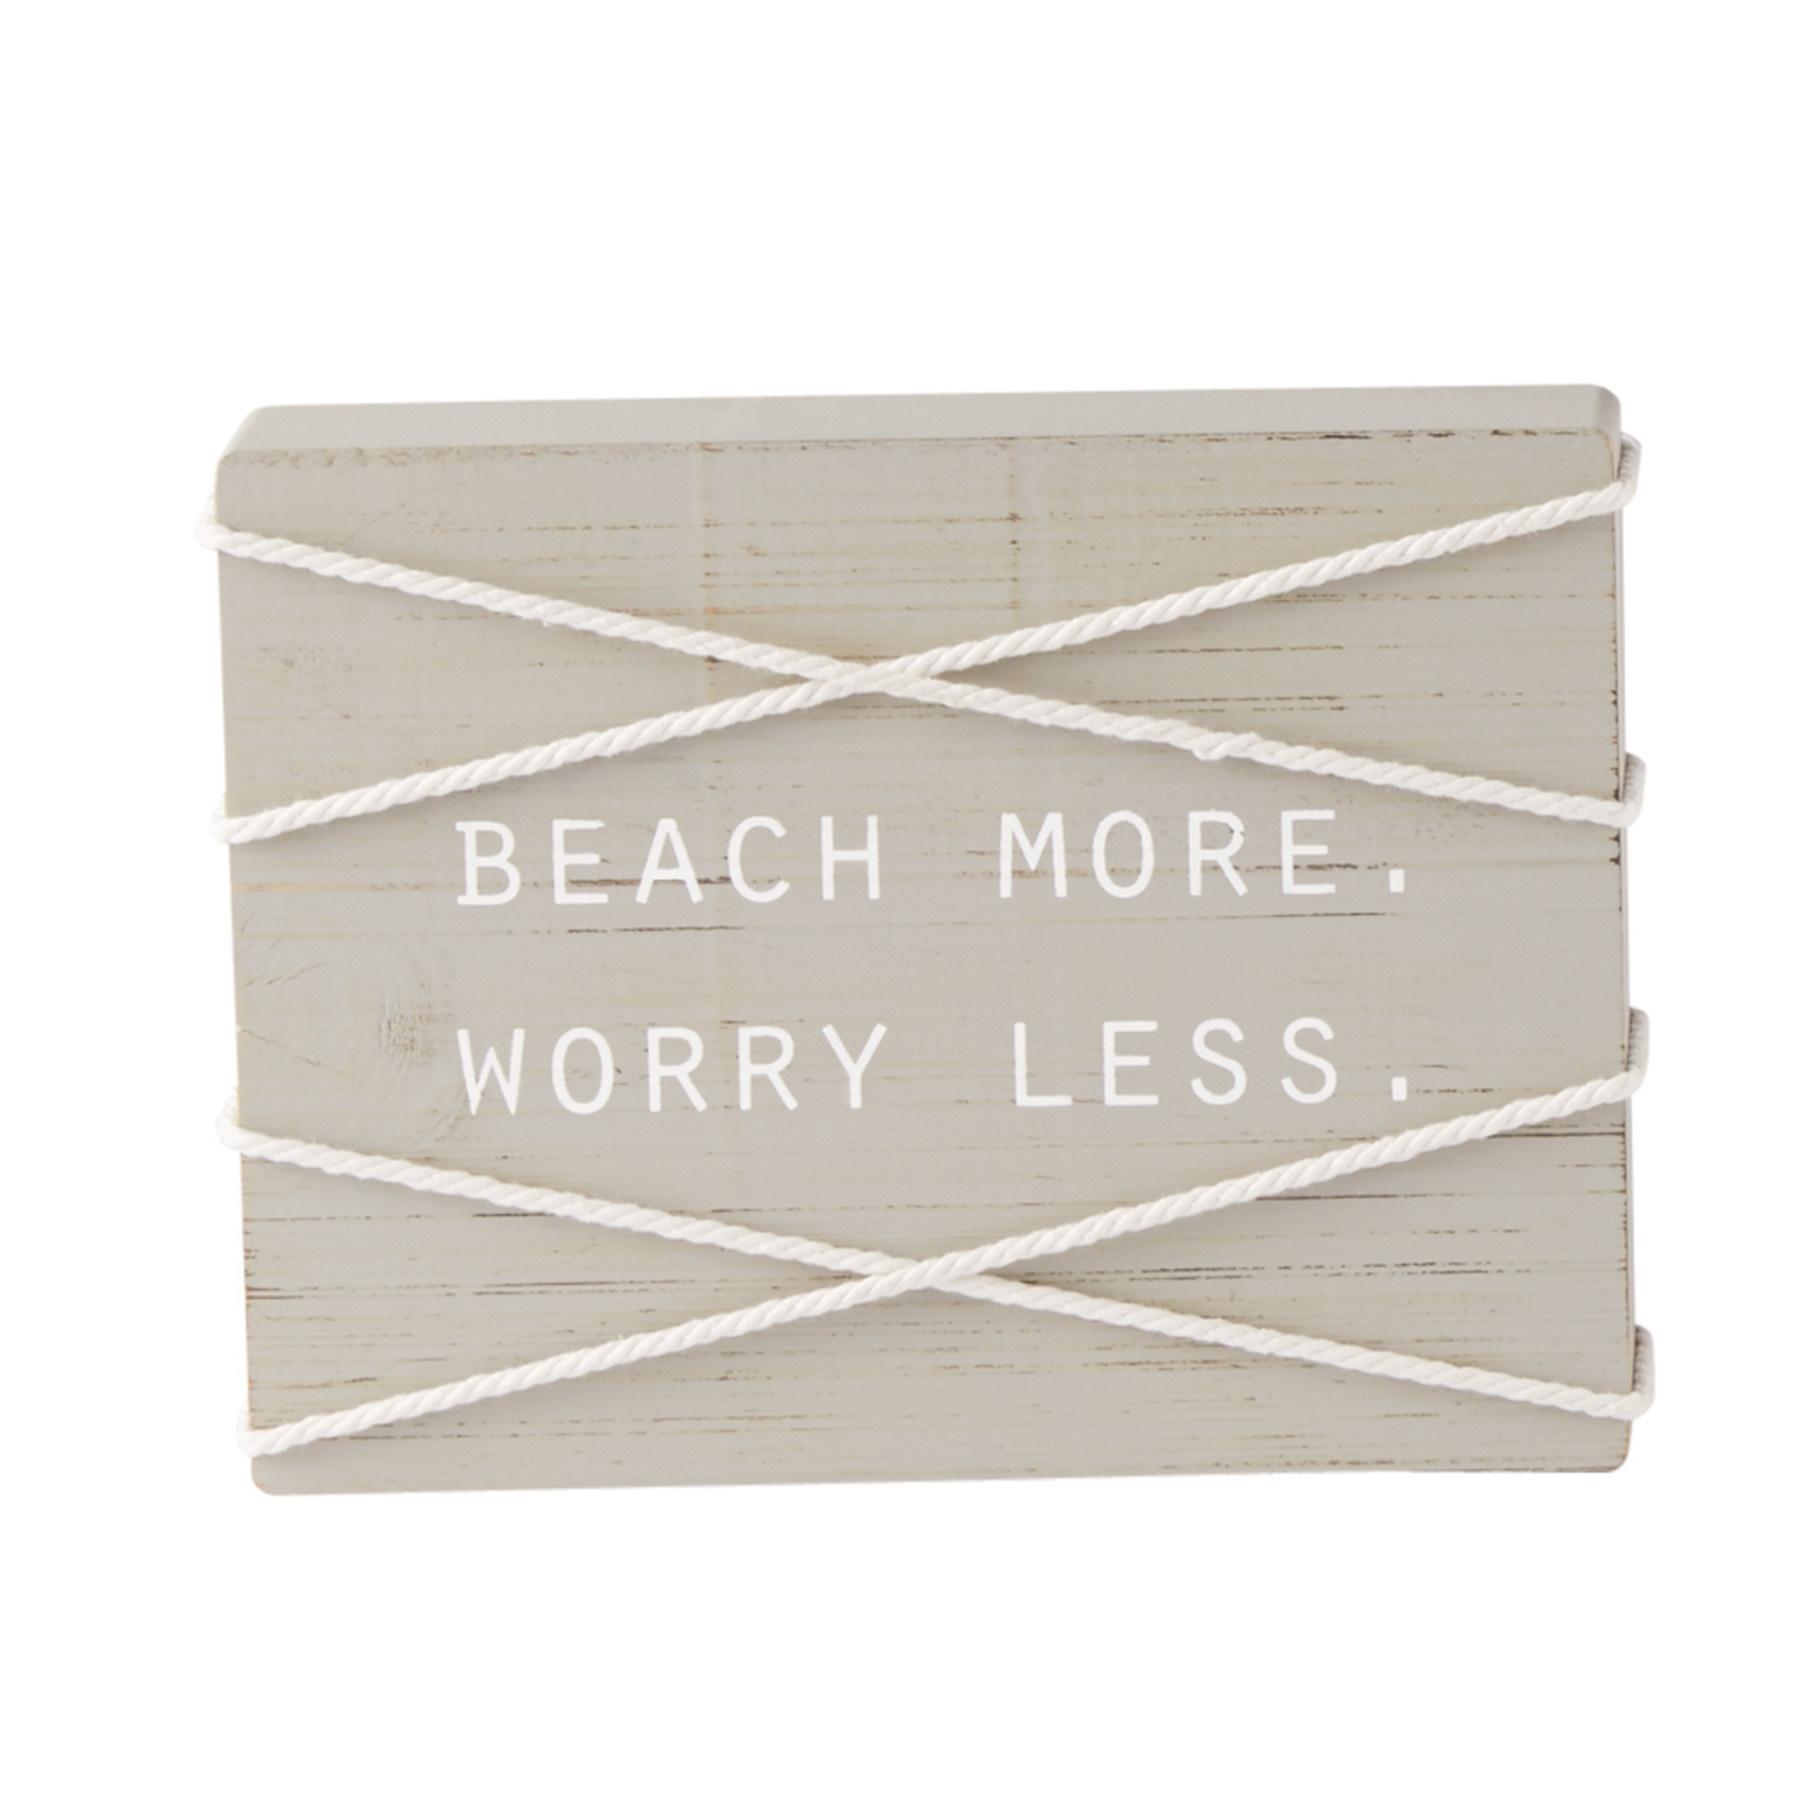 Mud Pie BEACH MORE BLOCK PLAQUE